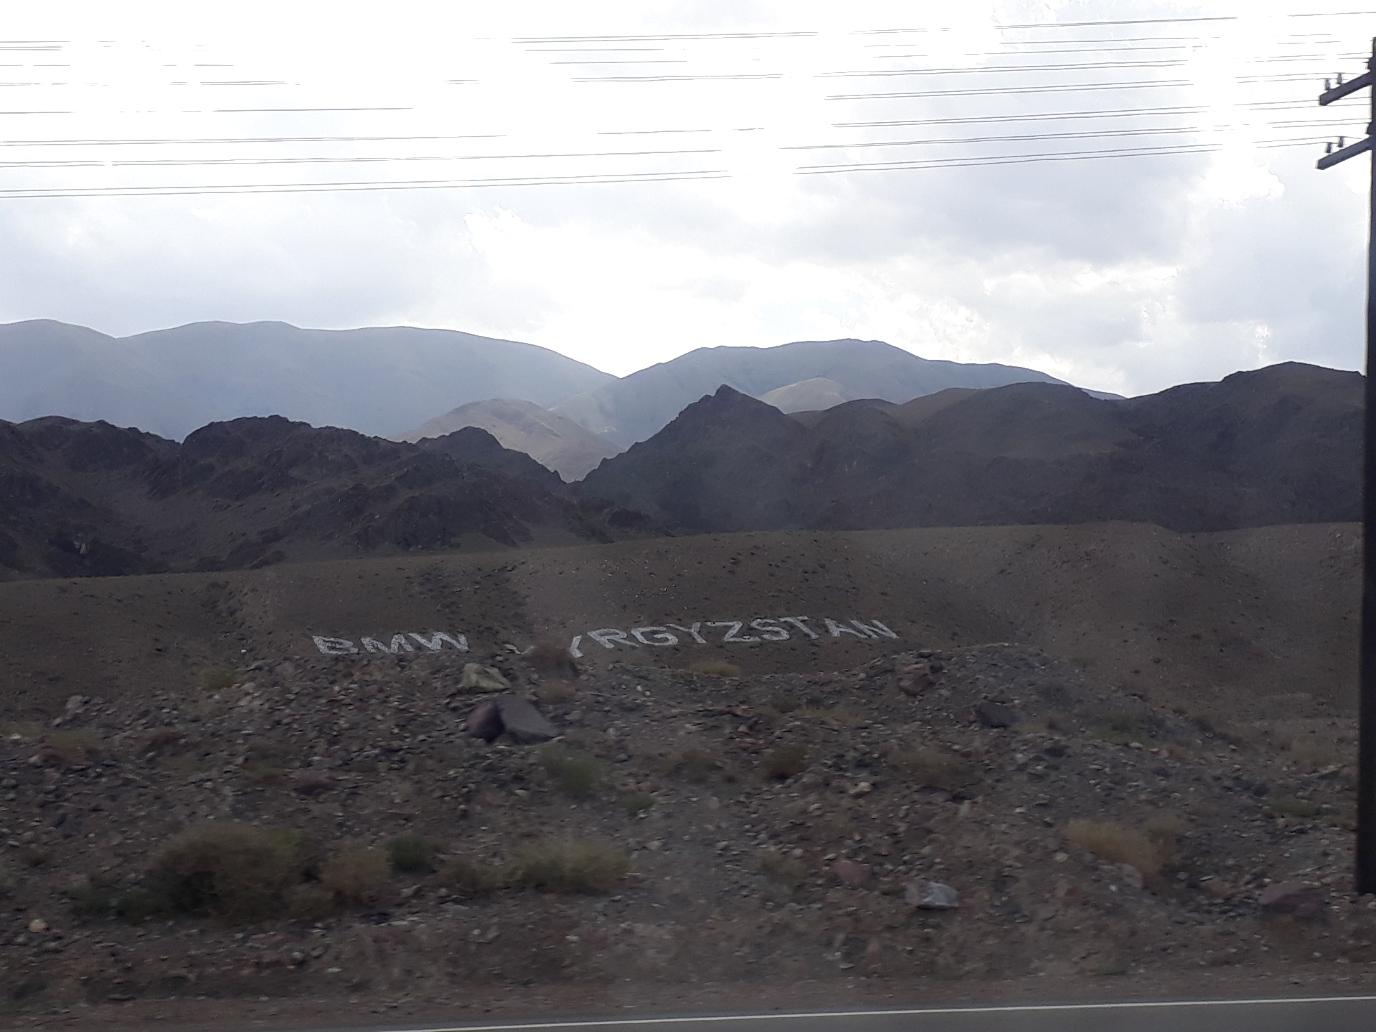 BMW Kirgisistan sogar in den Bergen